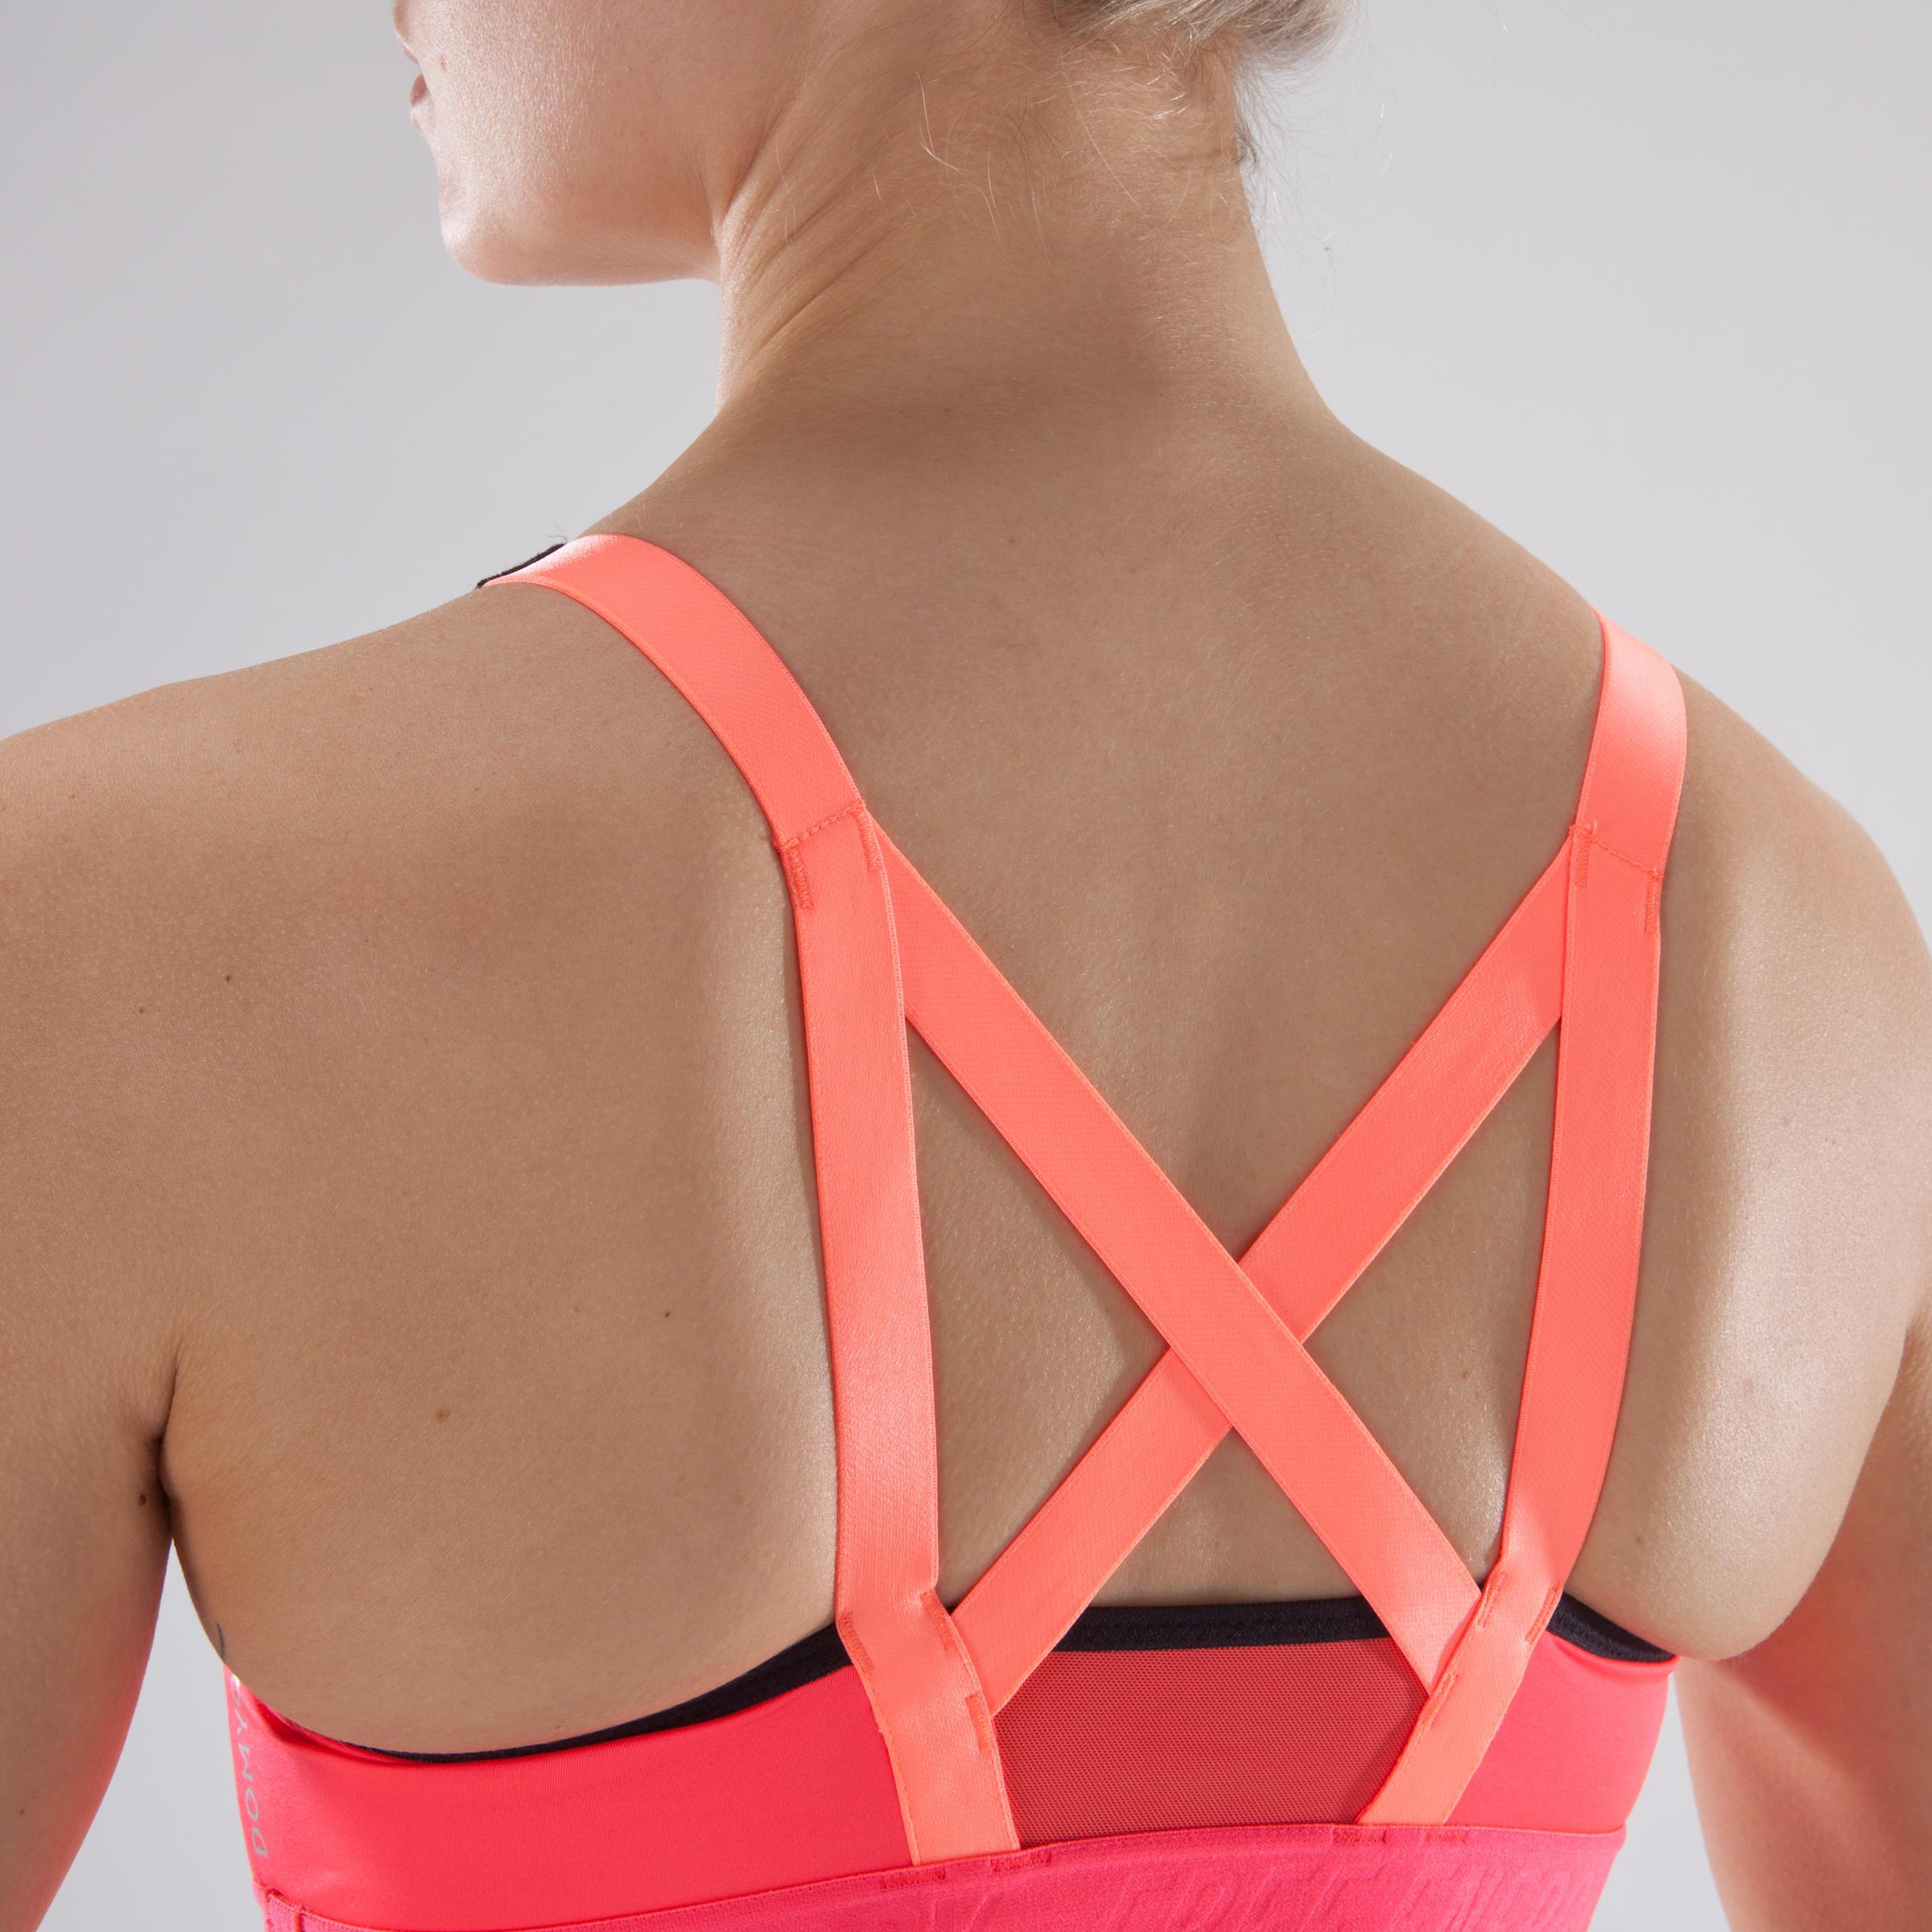 500 Women's Cardio Fitness Sports Bra - Coral